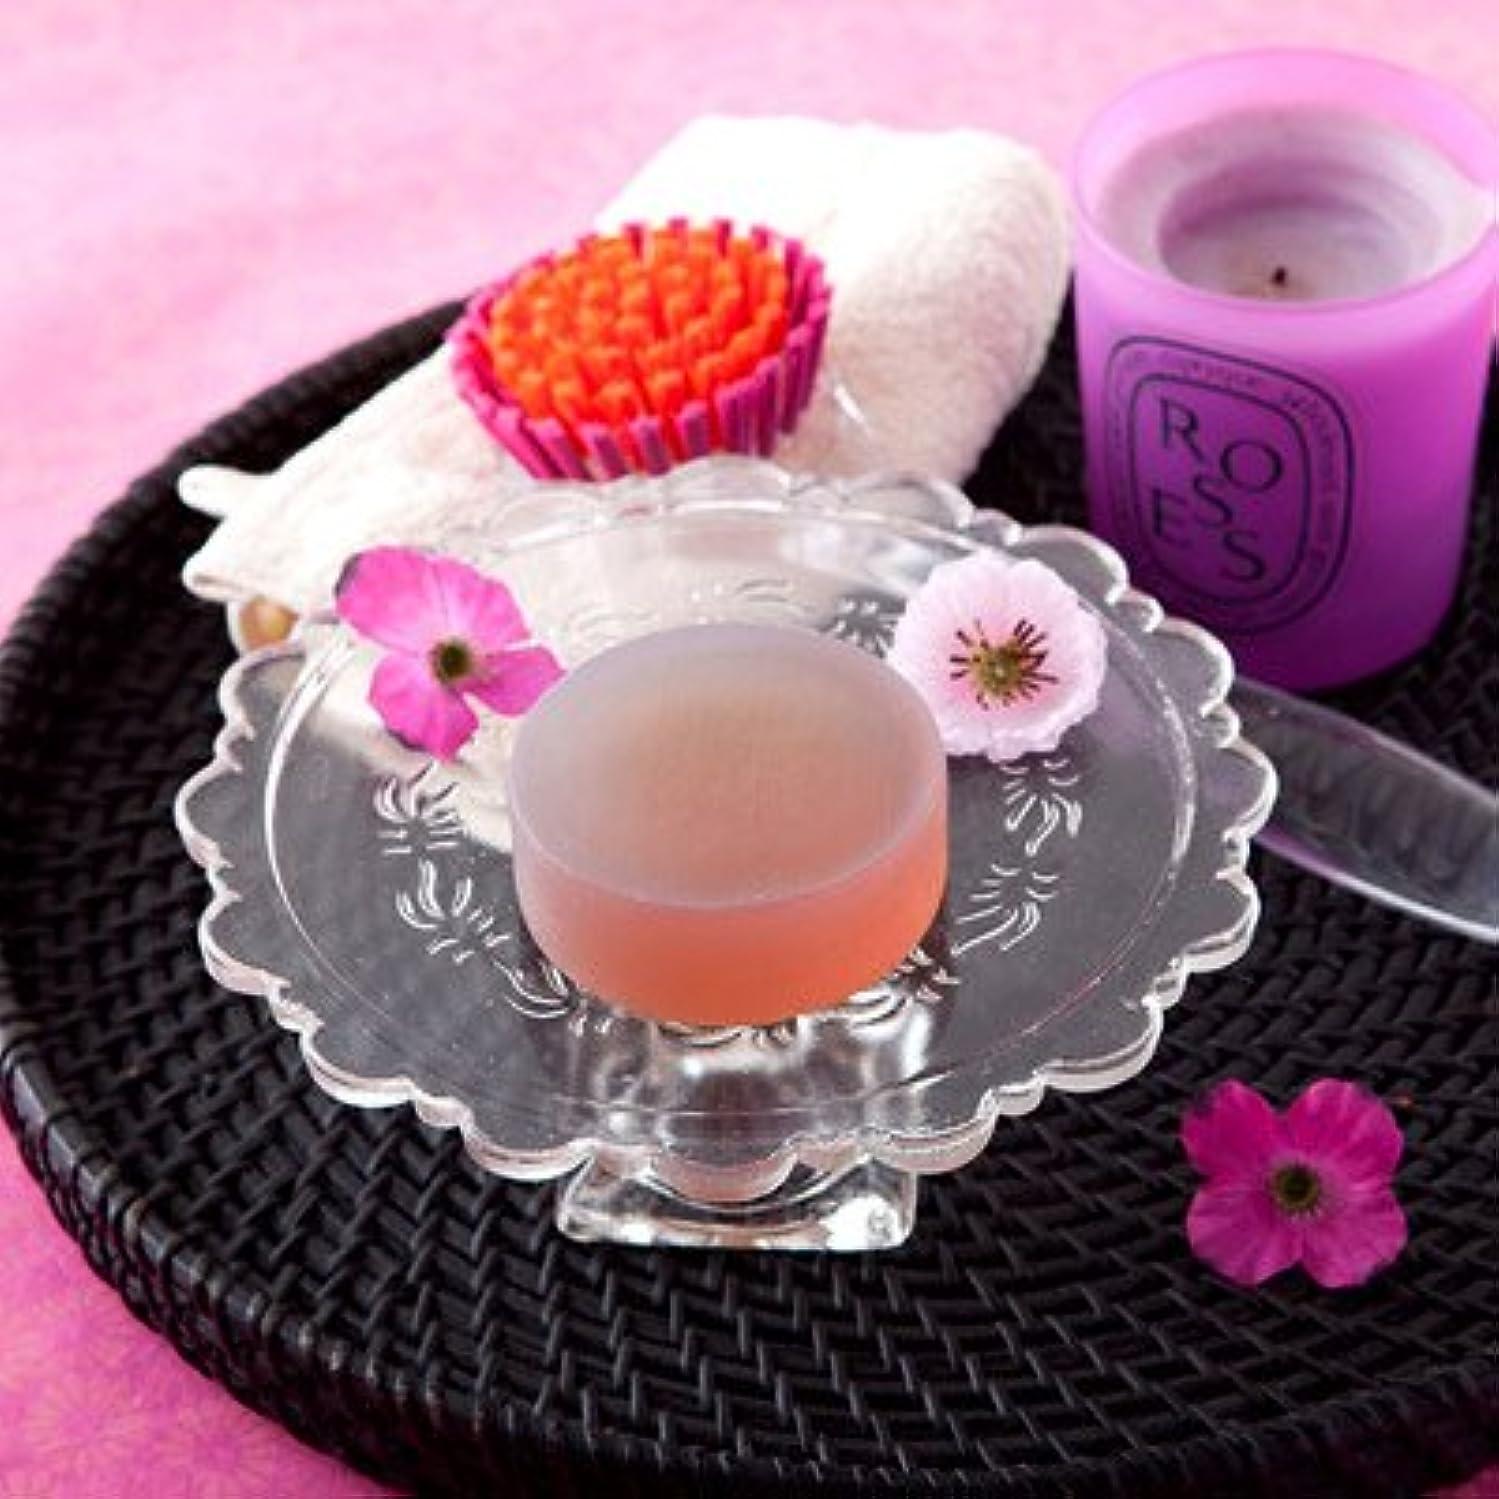 冷凍庫伝える変わるお肌の弱い方も安心なクリアソープセット ペアローザ エステソープ 紫潤(2個セット)